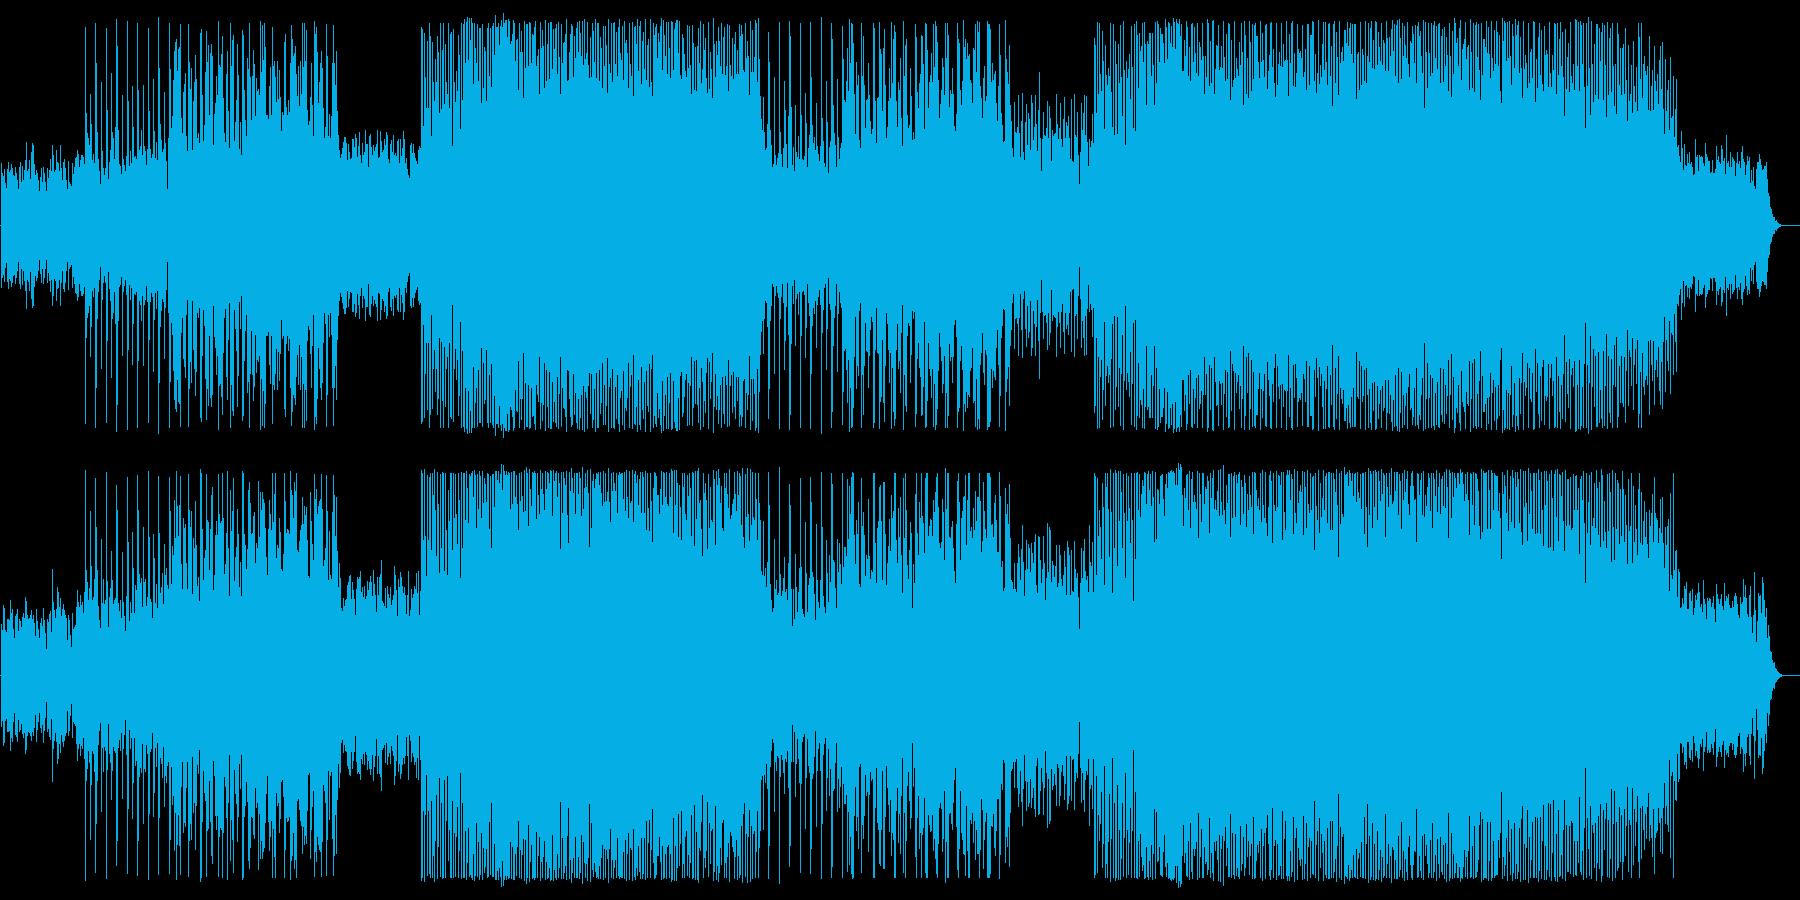 緩やかでリズミカルなピアノテクノポップの再生済みの波形